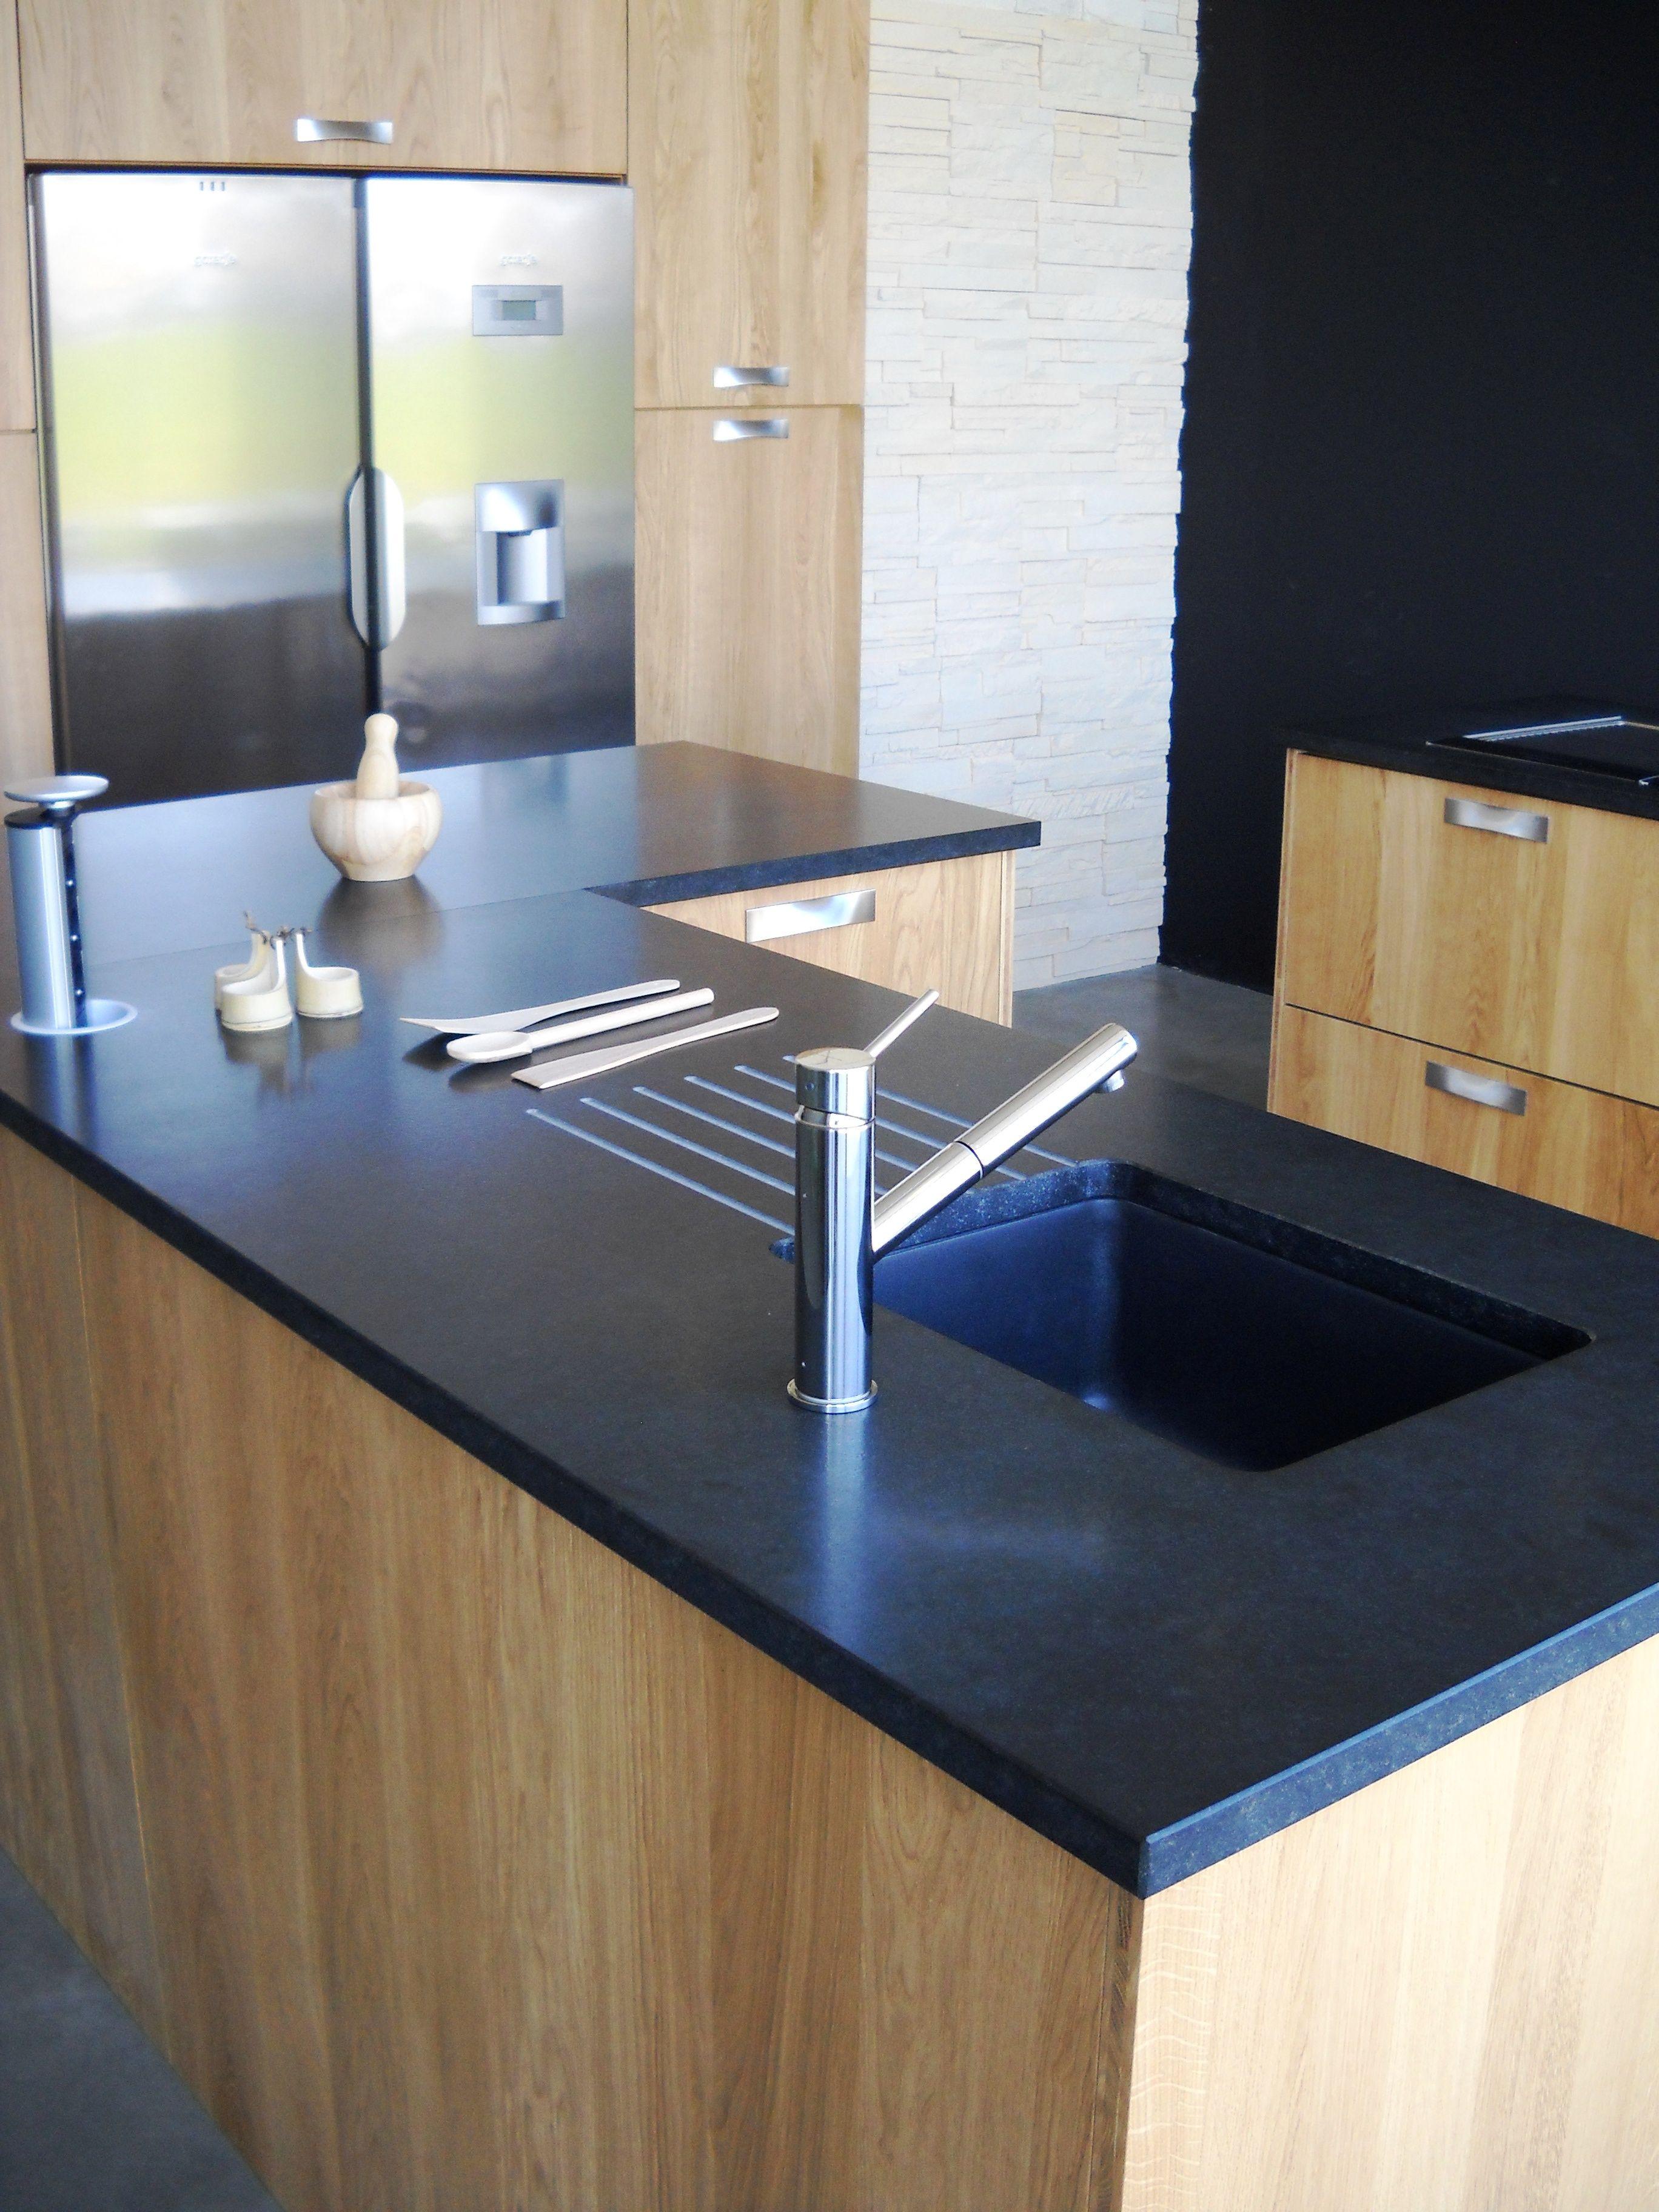 plans de travail de cuisine slosse marbrerie id es pour la maison in 2018 pinterest new. Black Bedroom Furniture Sets. Home Design Ideas